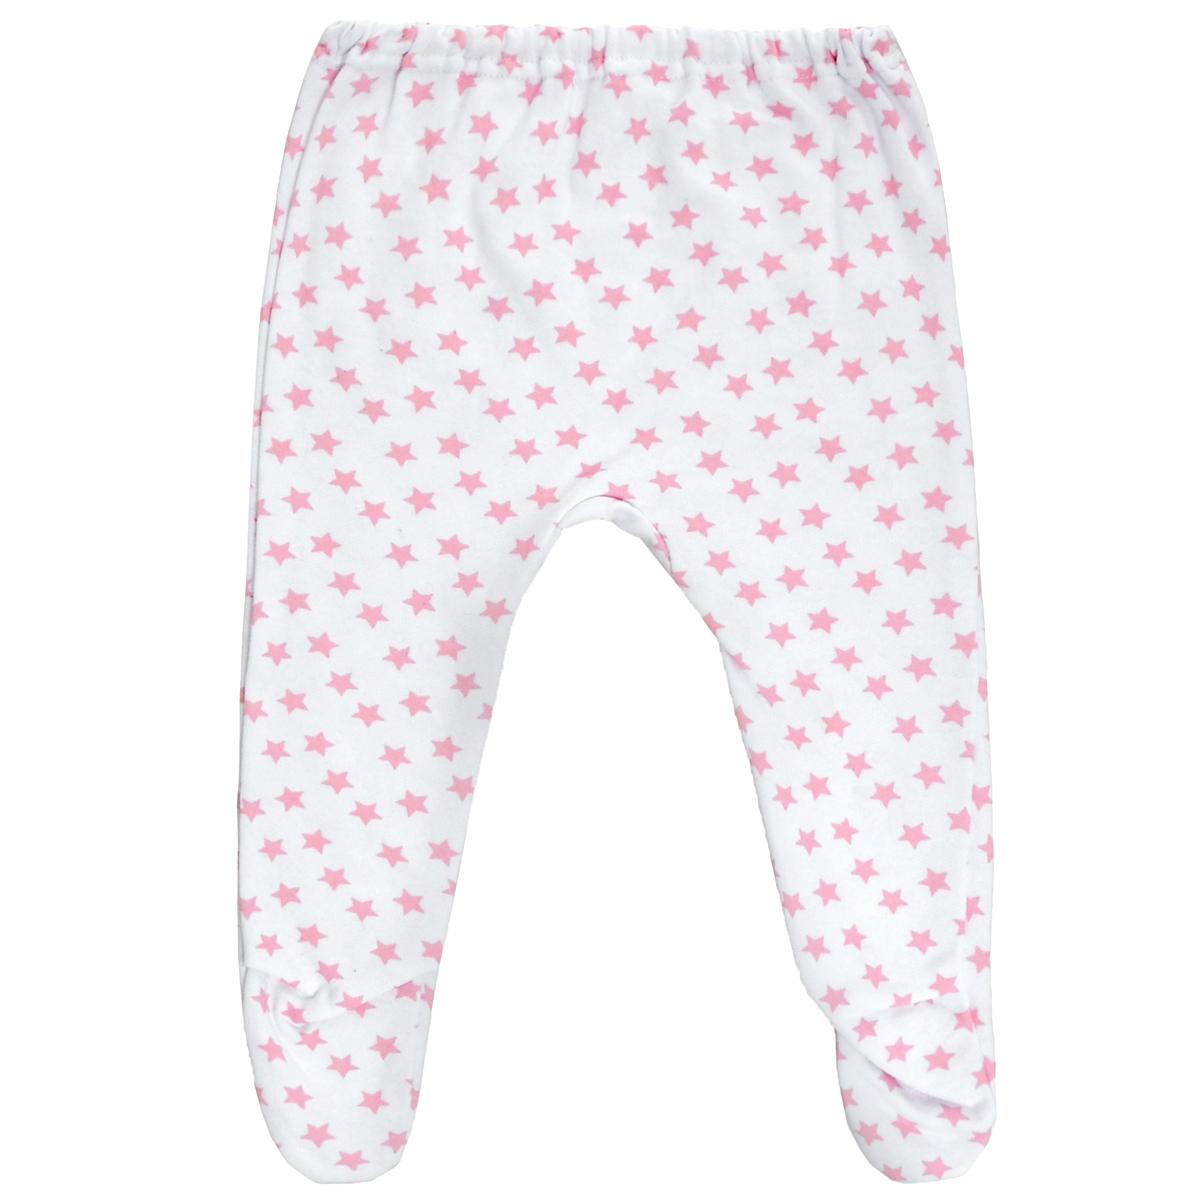 Ползунки Трон-Плюс, цвет: белый, розовый, рисунок звезды. 5256. Размер 80, 12 месяцев5256Ползунки для новорожденного Трон-Плюс послужат идеальным дополнением к гардеробу вашего ребенка, обеспечивая ему наибольший комфорт.Модель, изготовленная из футерованного полотна - натурального хлопка, необычайно мягкая и легкая, не раздражает нежную кожу ребенка и хорошо вентилируется, а эластичные швы приятны телу малыша и не препятствуют его движениям. Теплые ползунки с закрытыми ножками благодаря мягкому эластичному поясу не сдавливают животик младенца и не сползают, идеально подходят для ношения с подгузником. Они полностью соответствуют особенностям жизни ребенка в ранний период, не стесняя и не ограничивая его в движениях.